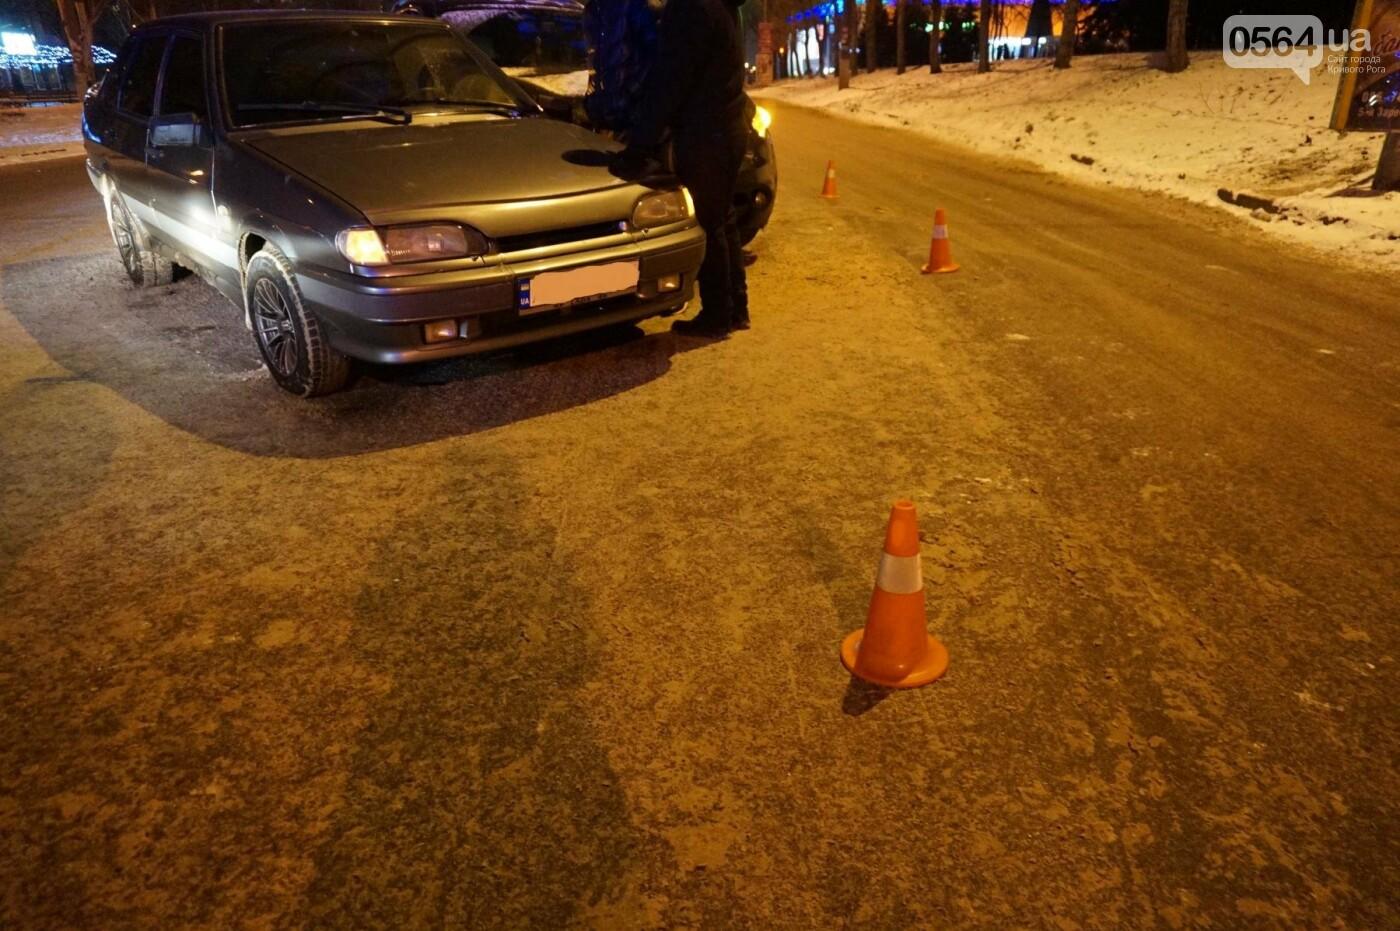 ДТП в Кривом Роге: Перед пешеходным переходом столкнулись ВАЗ и Инфинити (ФОТО), фото-6